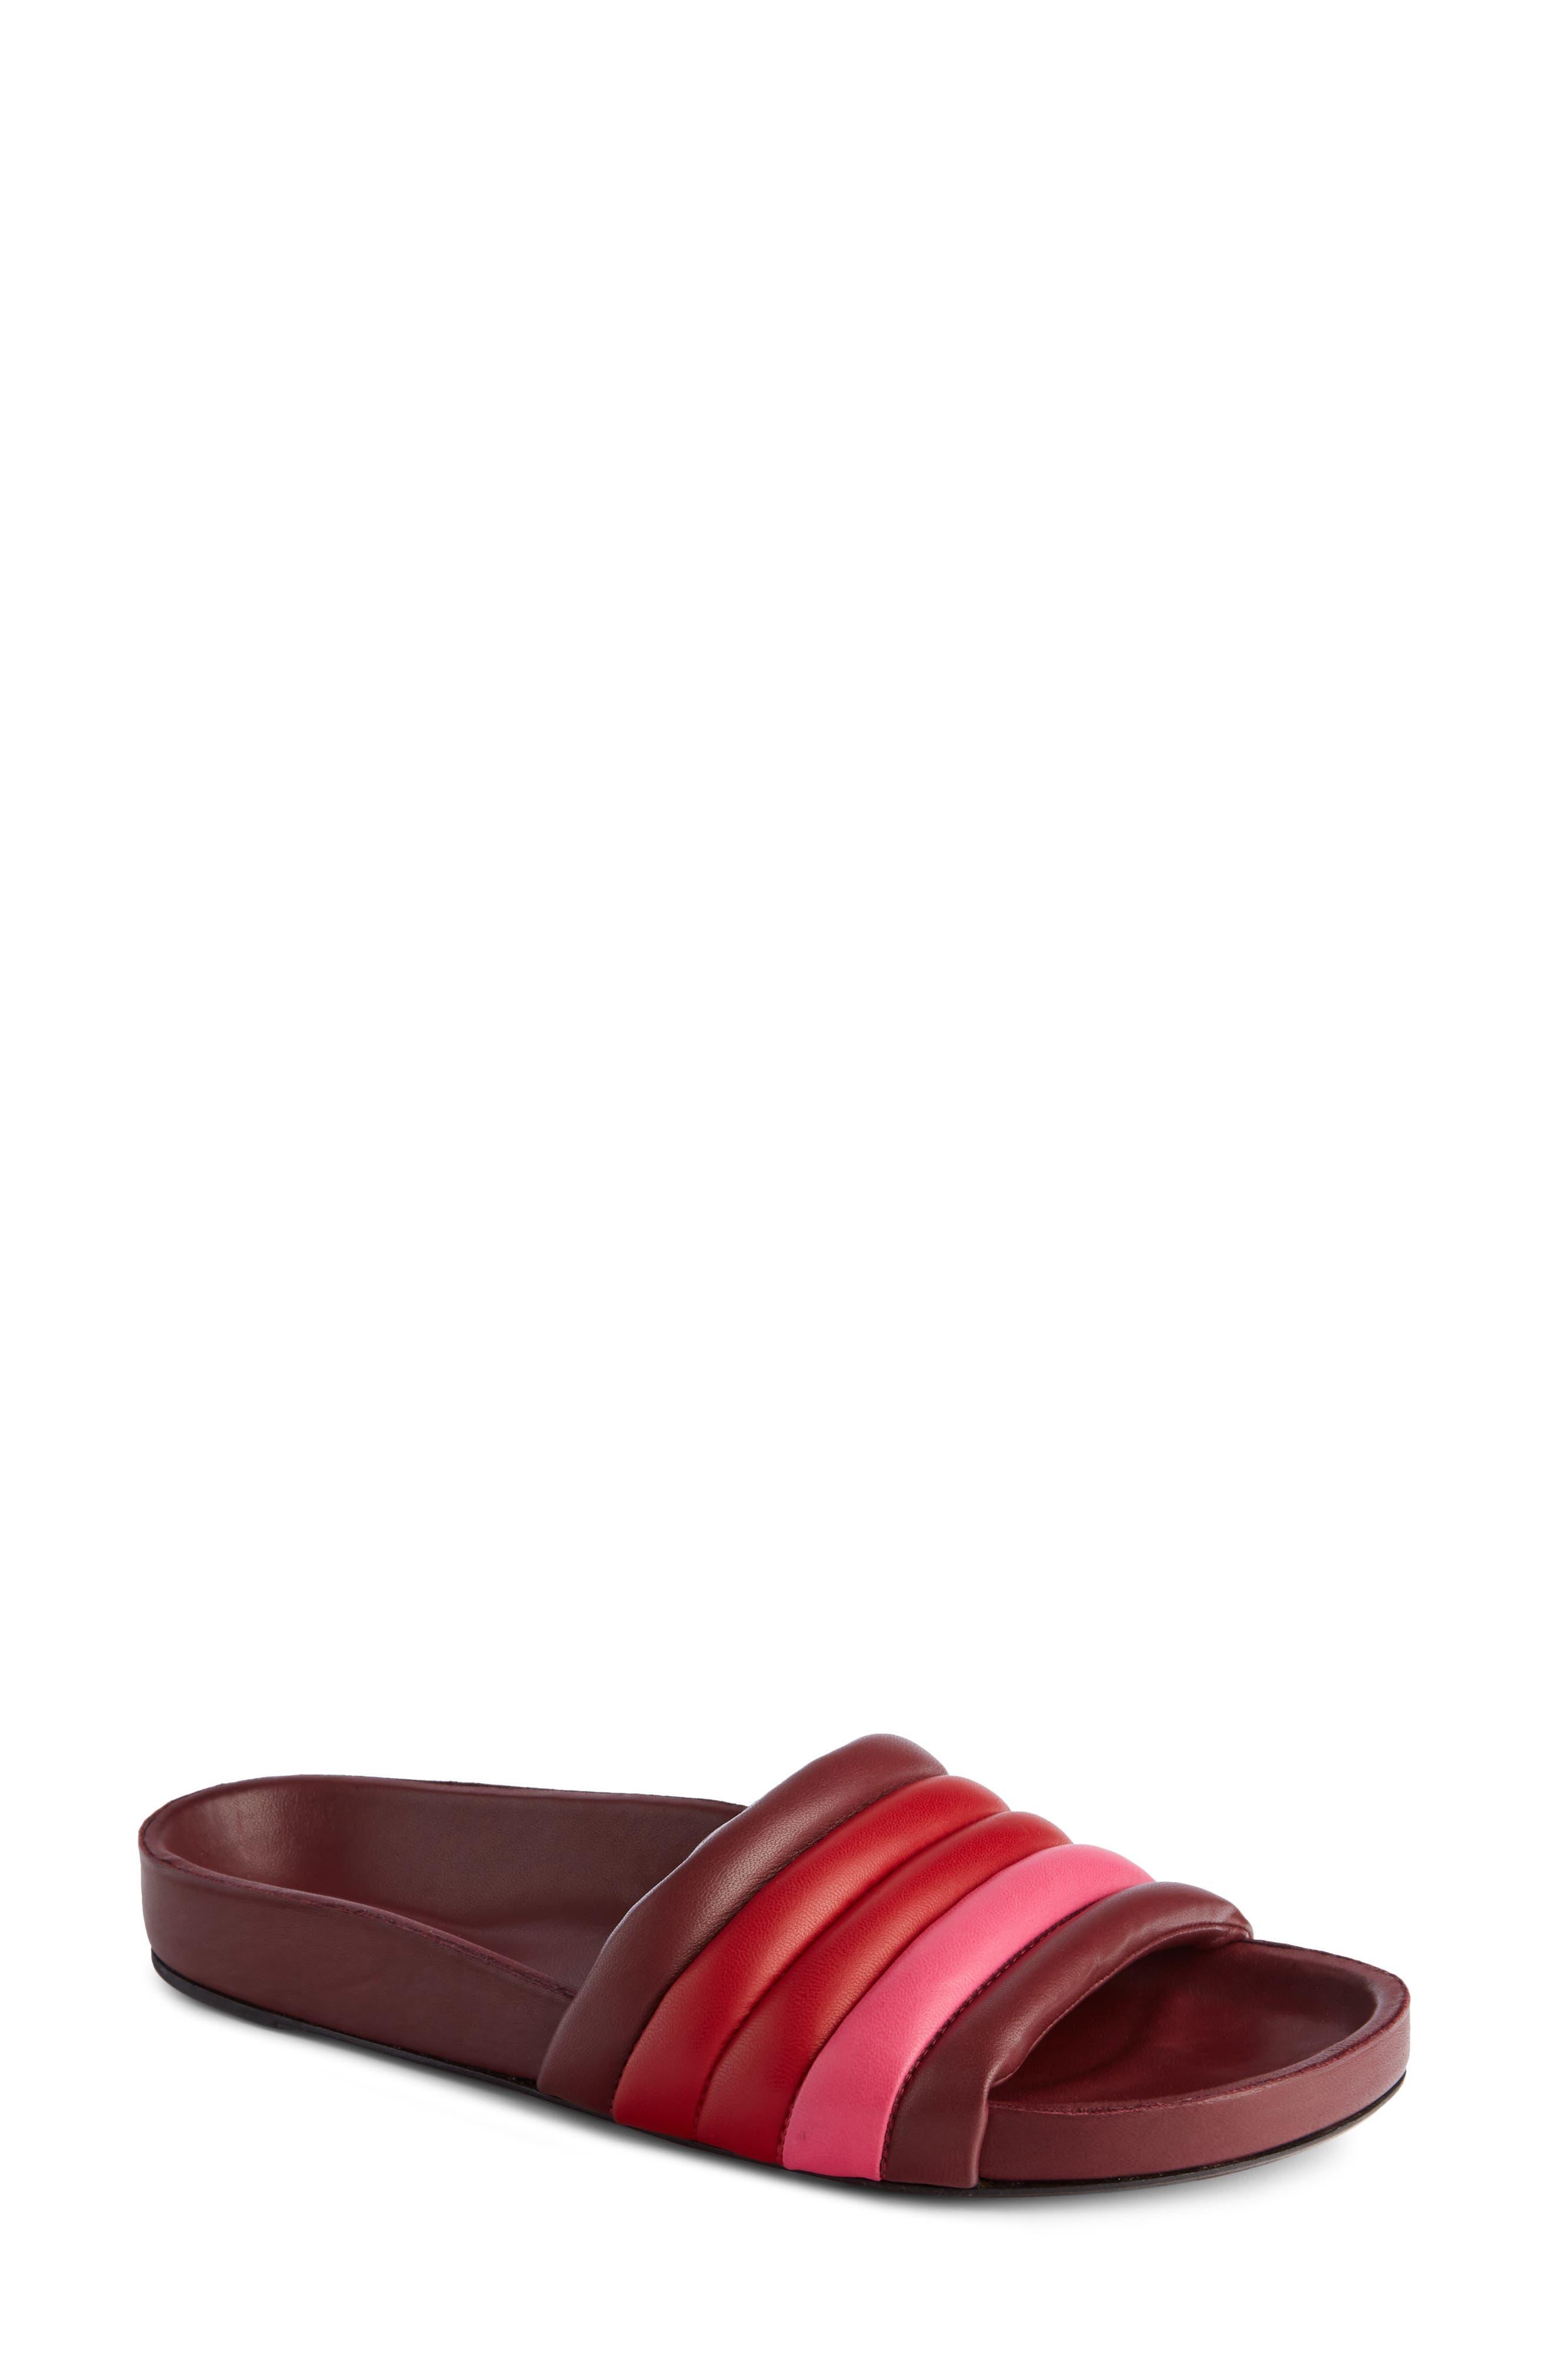 Hellea Slide Sandal,                         Main,                         color, Burgundy/ Red/ Pink